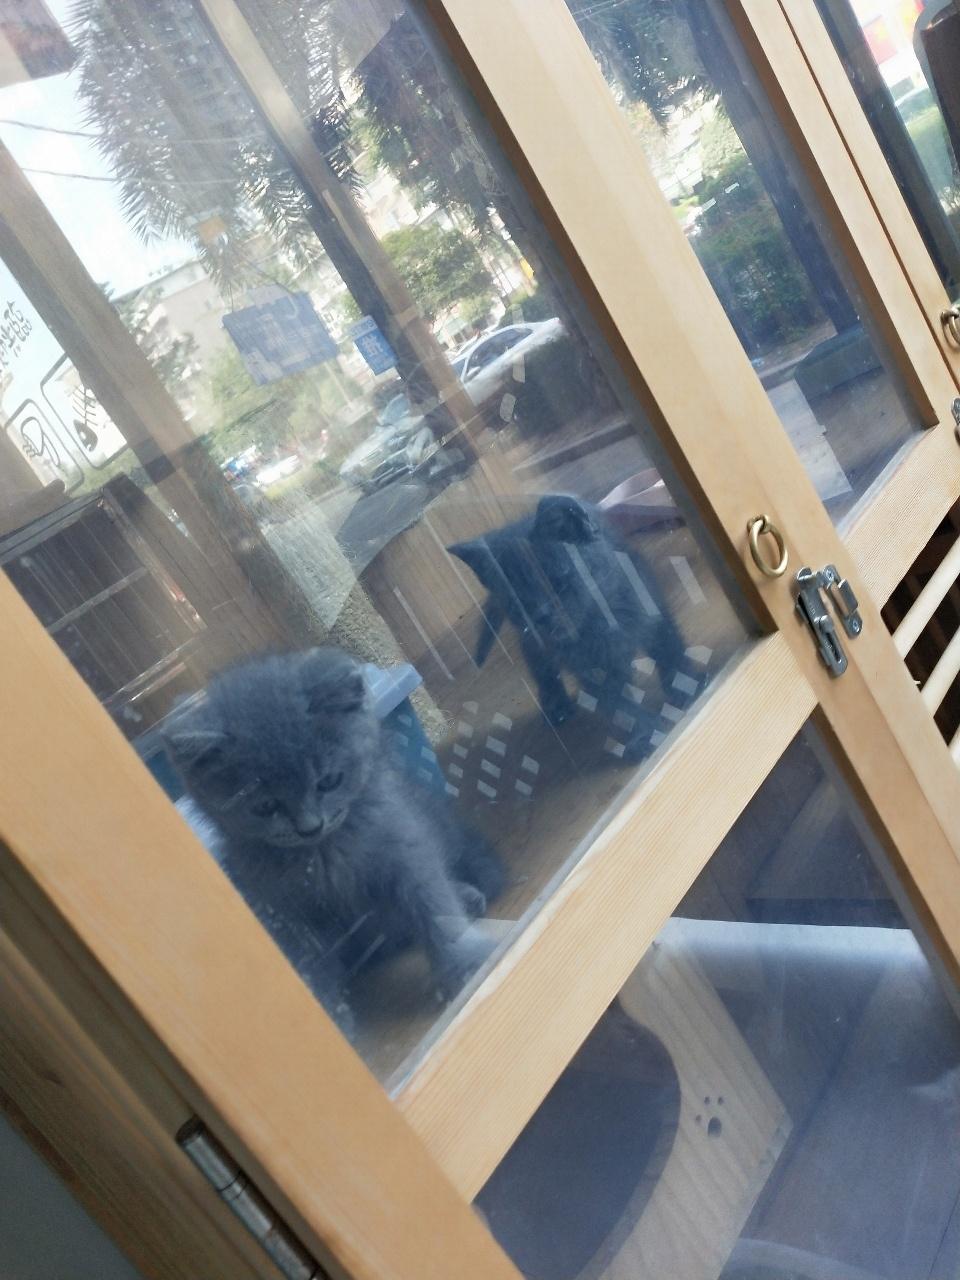 特价蓝猫需要联系我,宠物店出售